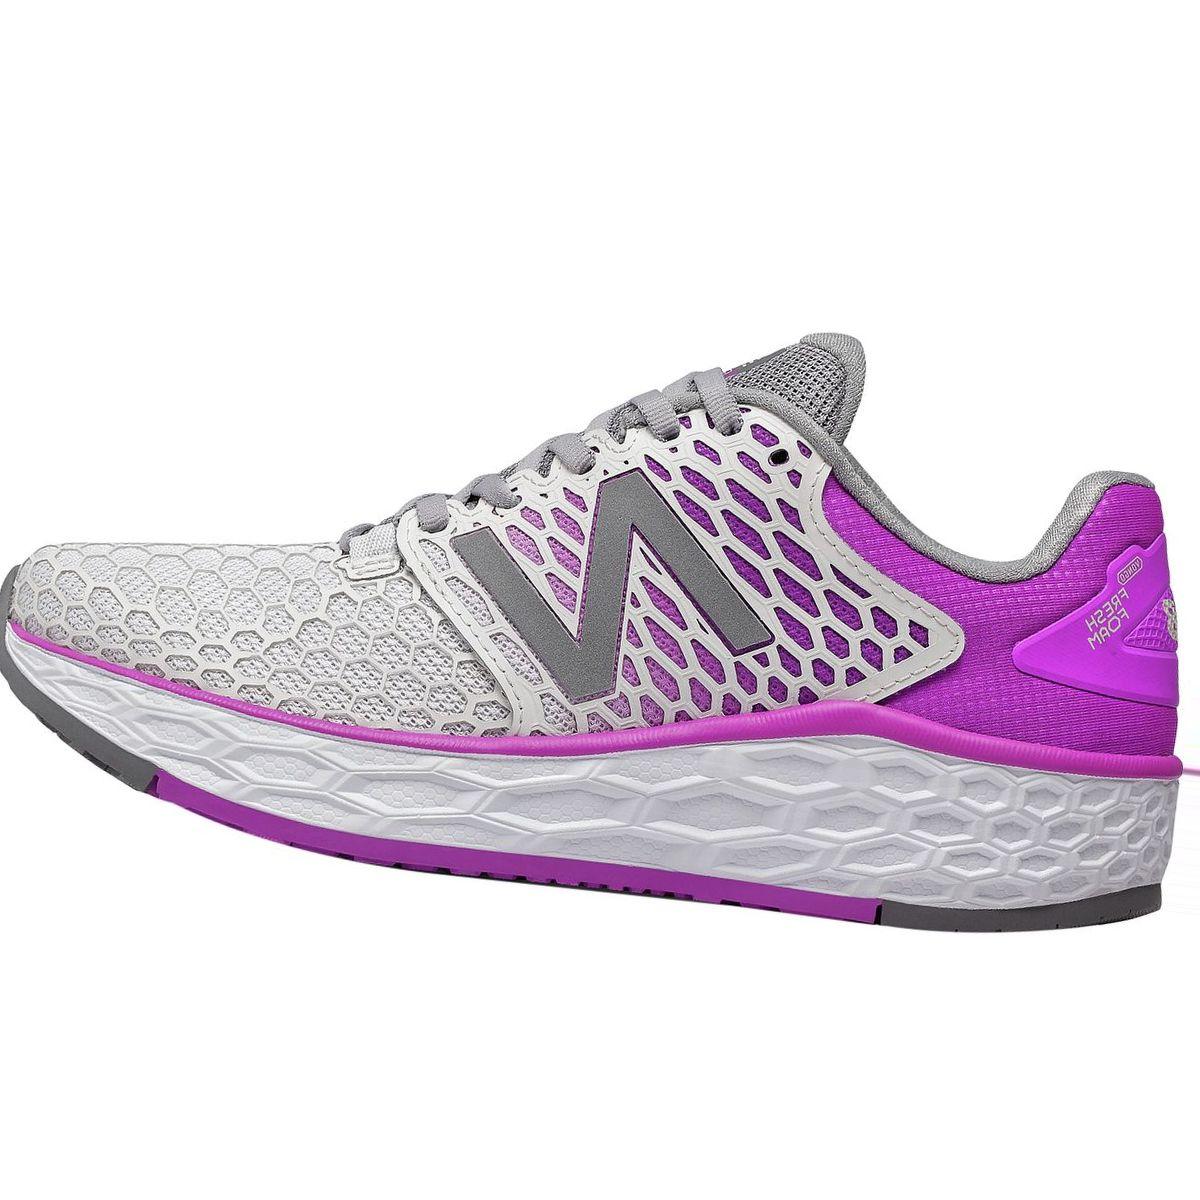 New Balance Fresh Foam Vongo v3 Running Shoe - Women's